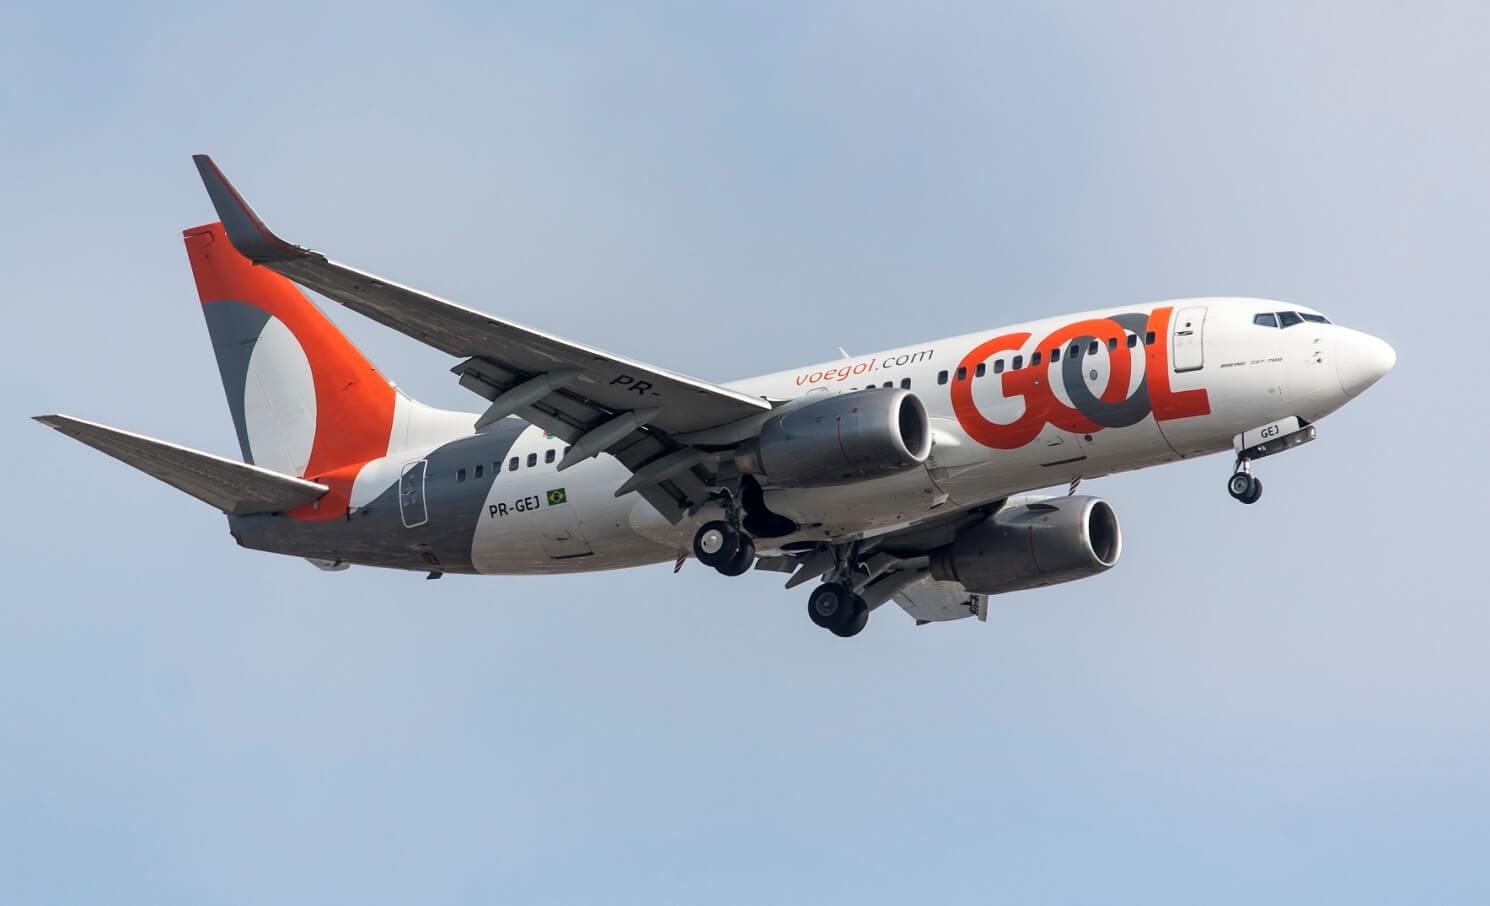 Gol (GOLL3) vê demanda por voos crescer 519% em maio gol Gol (GOLL3) vê demanda por voos crescer 519% em maio gol goll3 goll4 acao